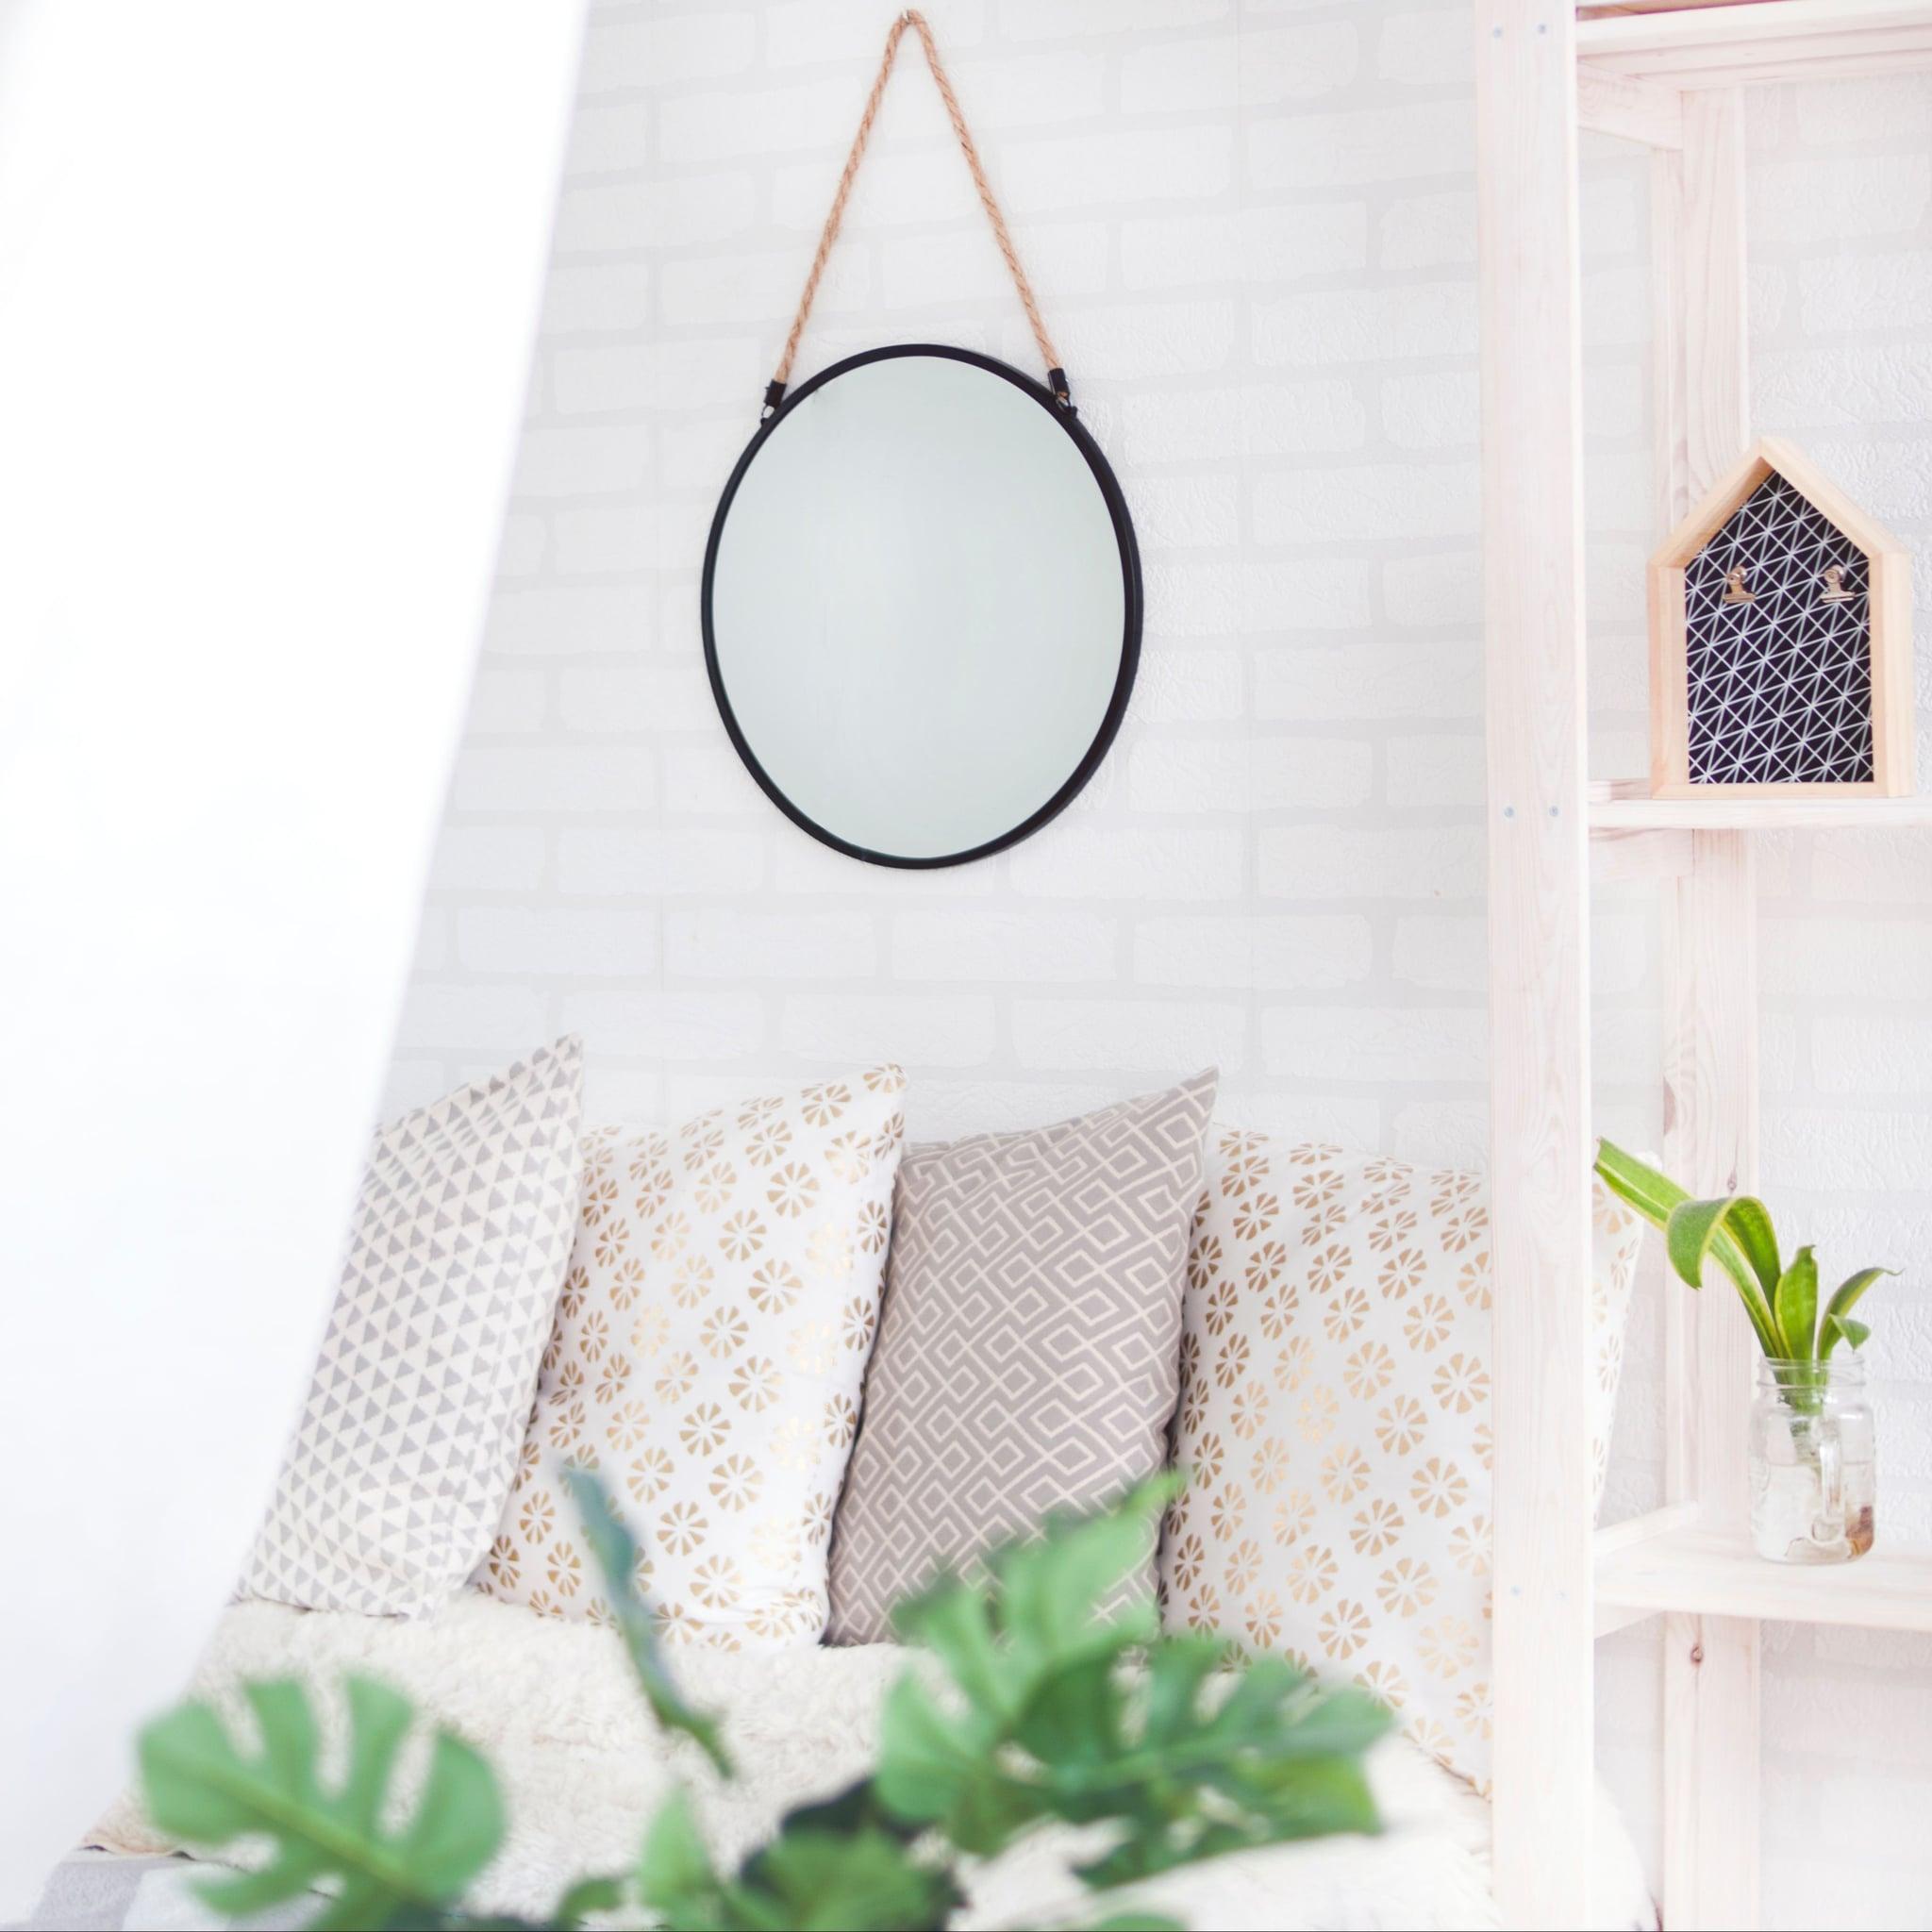 Eco-Friendly Home Ideas   POPSUGAR Home